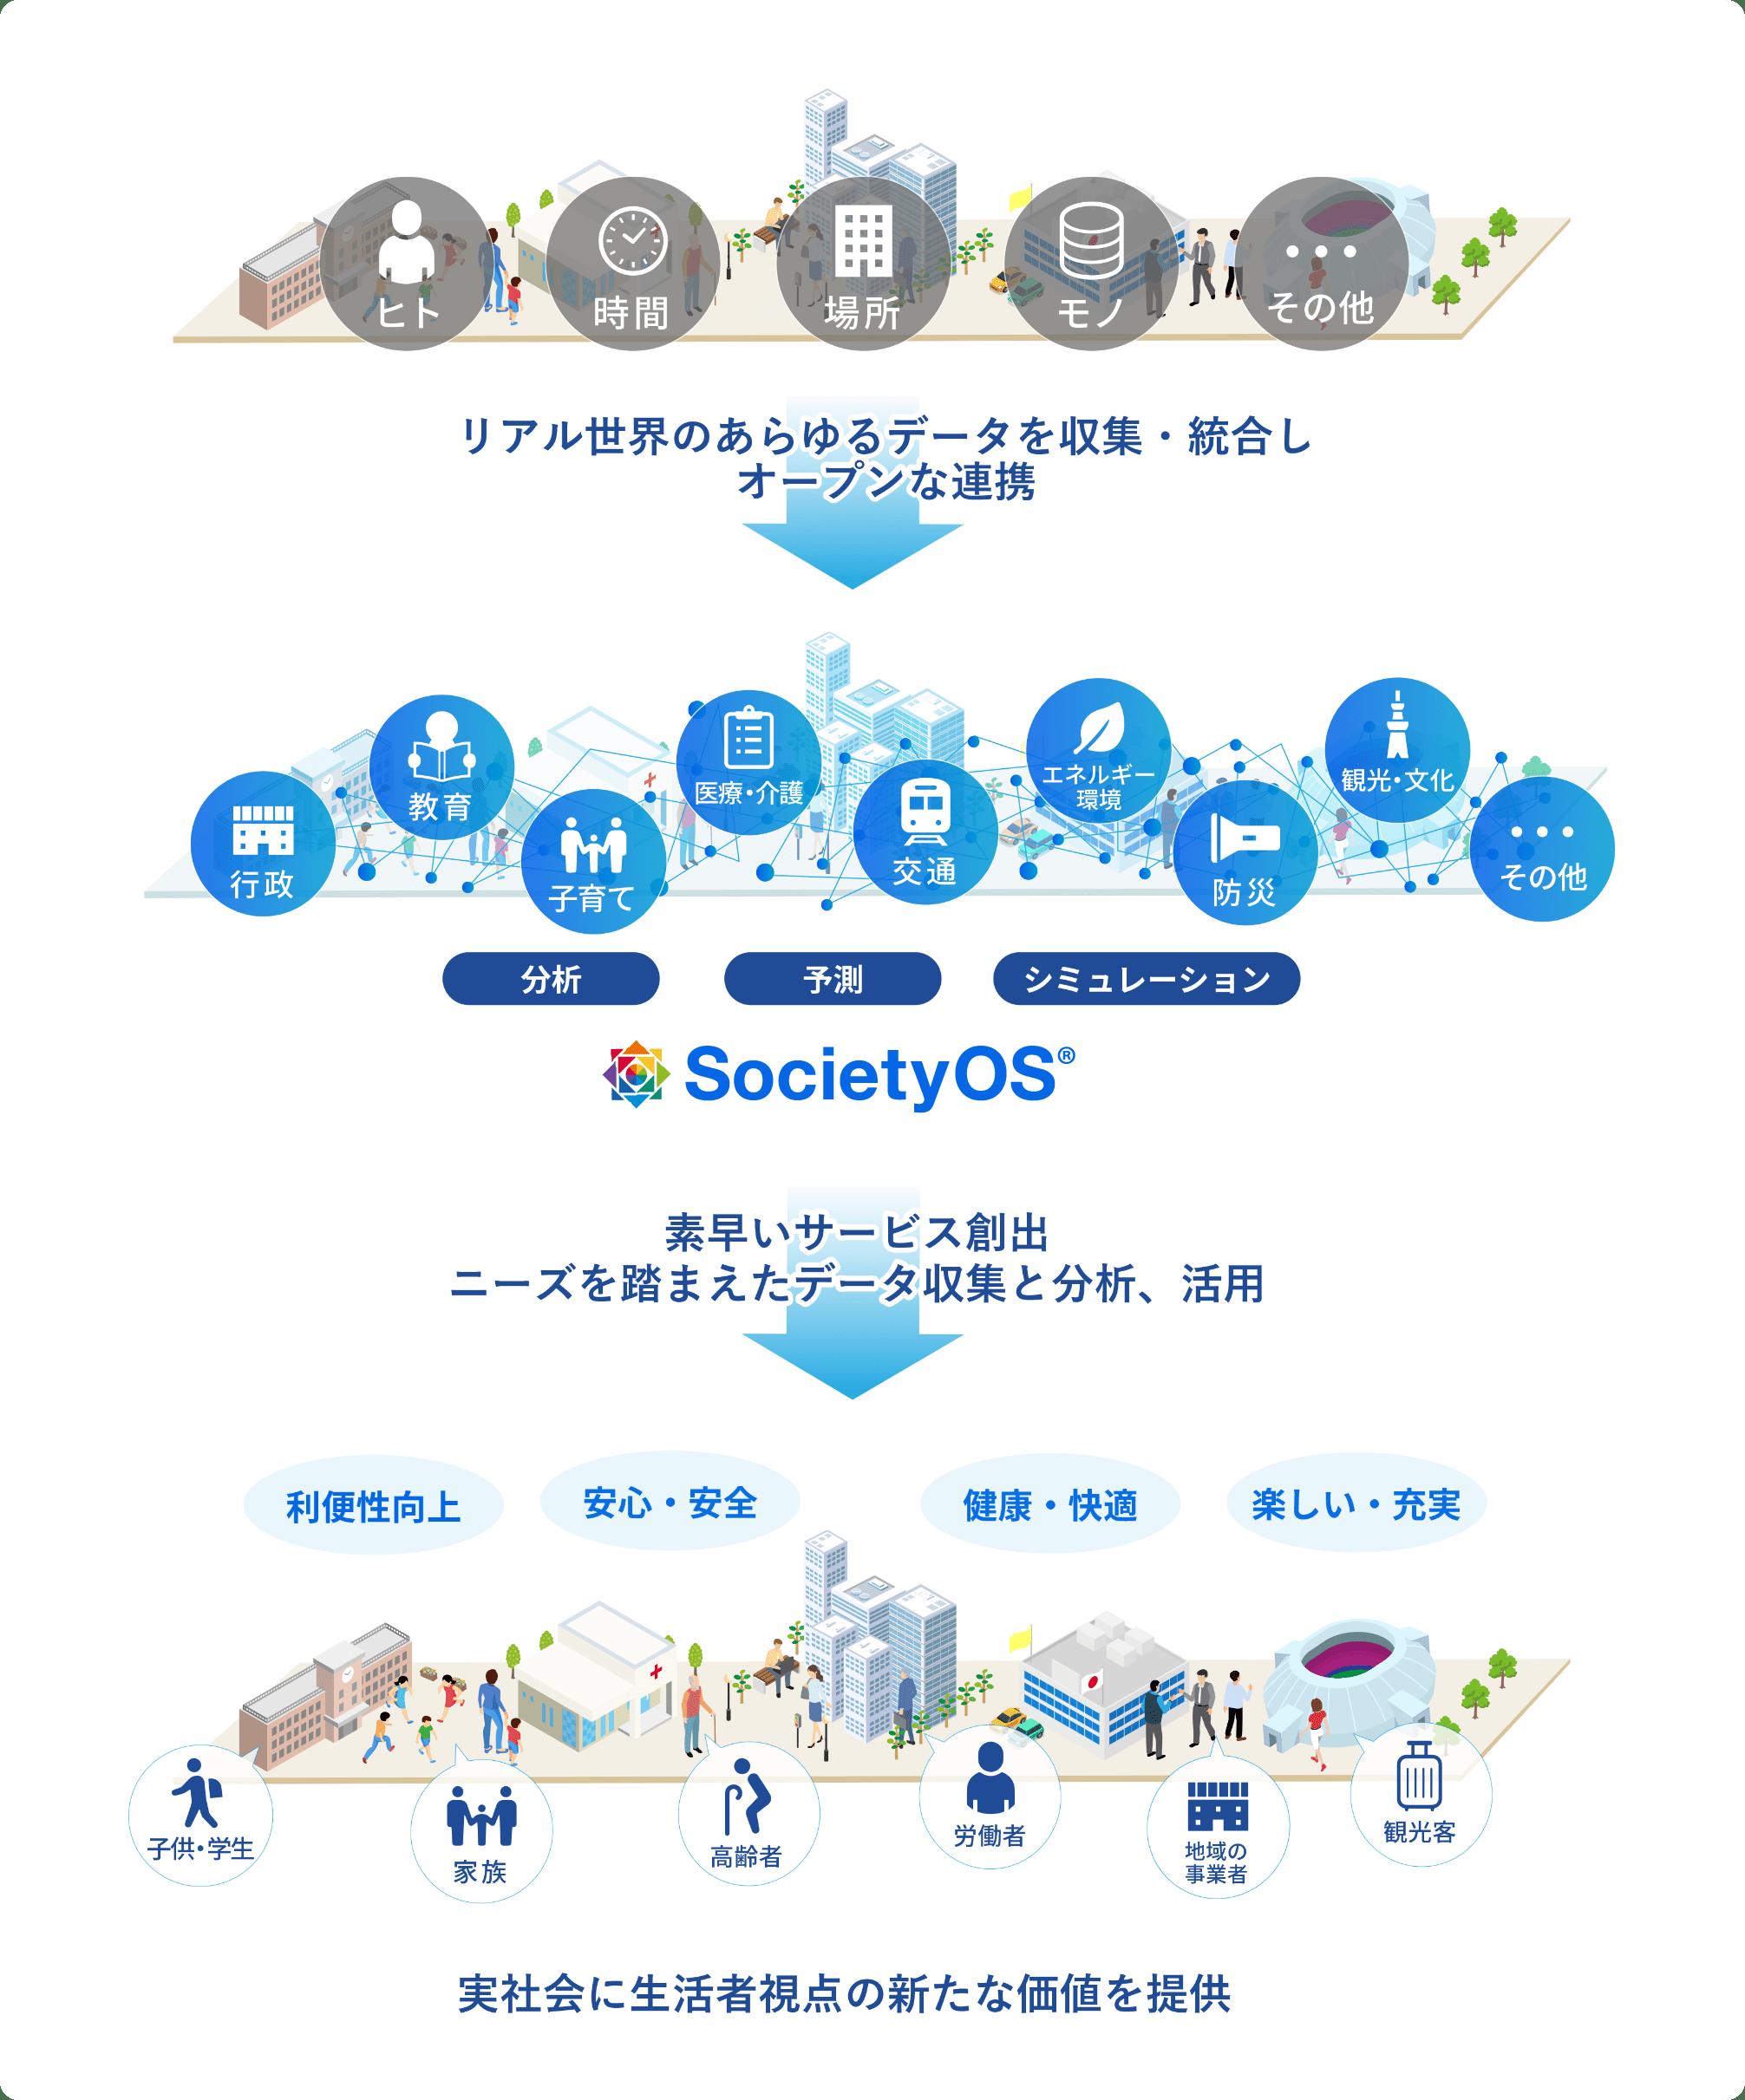 リアル世界のあらゆるデータを収集・統合 SocietyOS®上にて各種サービスプラットフォームと連携 実社会に生活者視点の新たな価値を提供